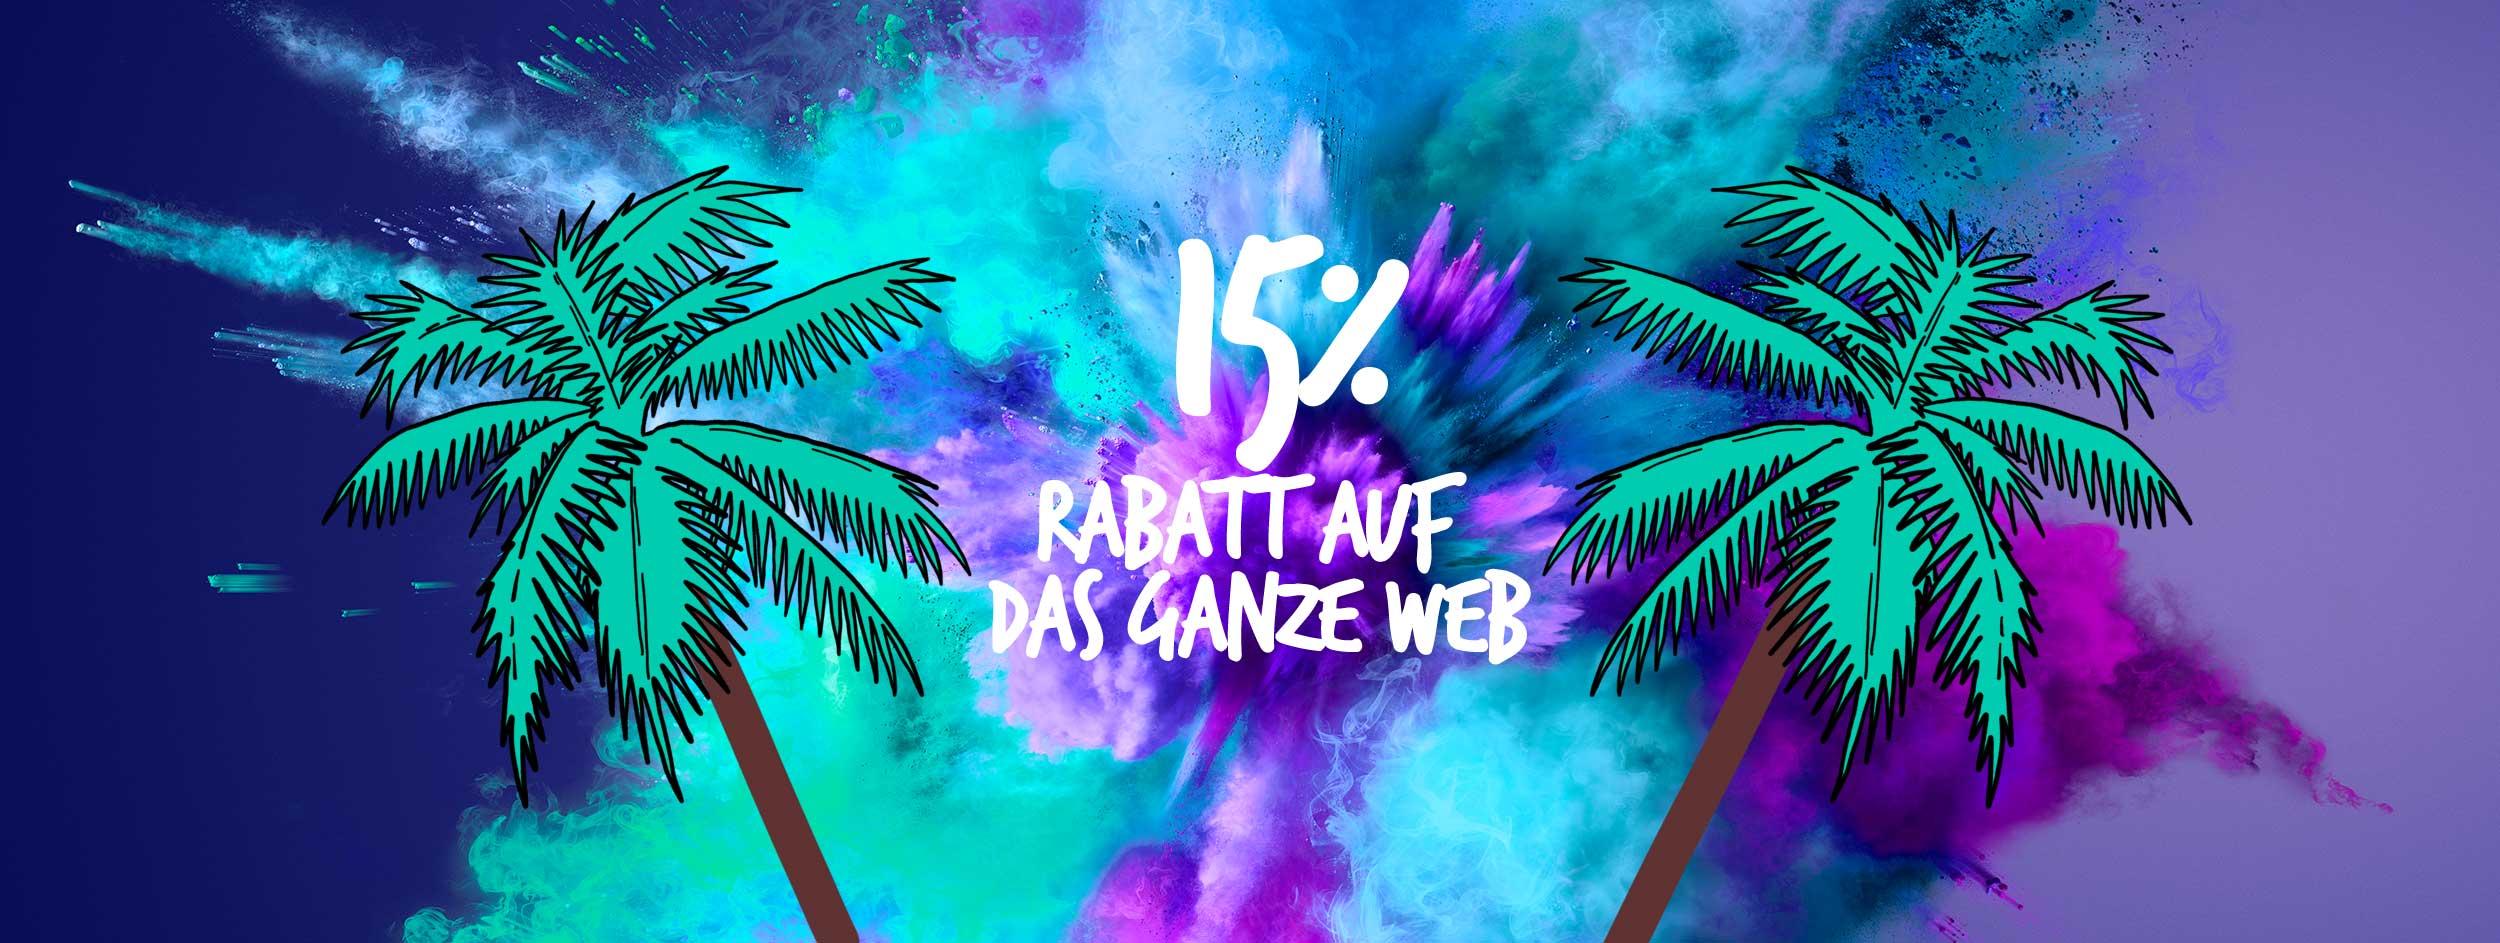 15% auf das ganze Web